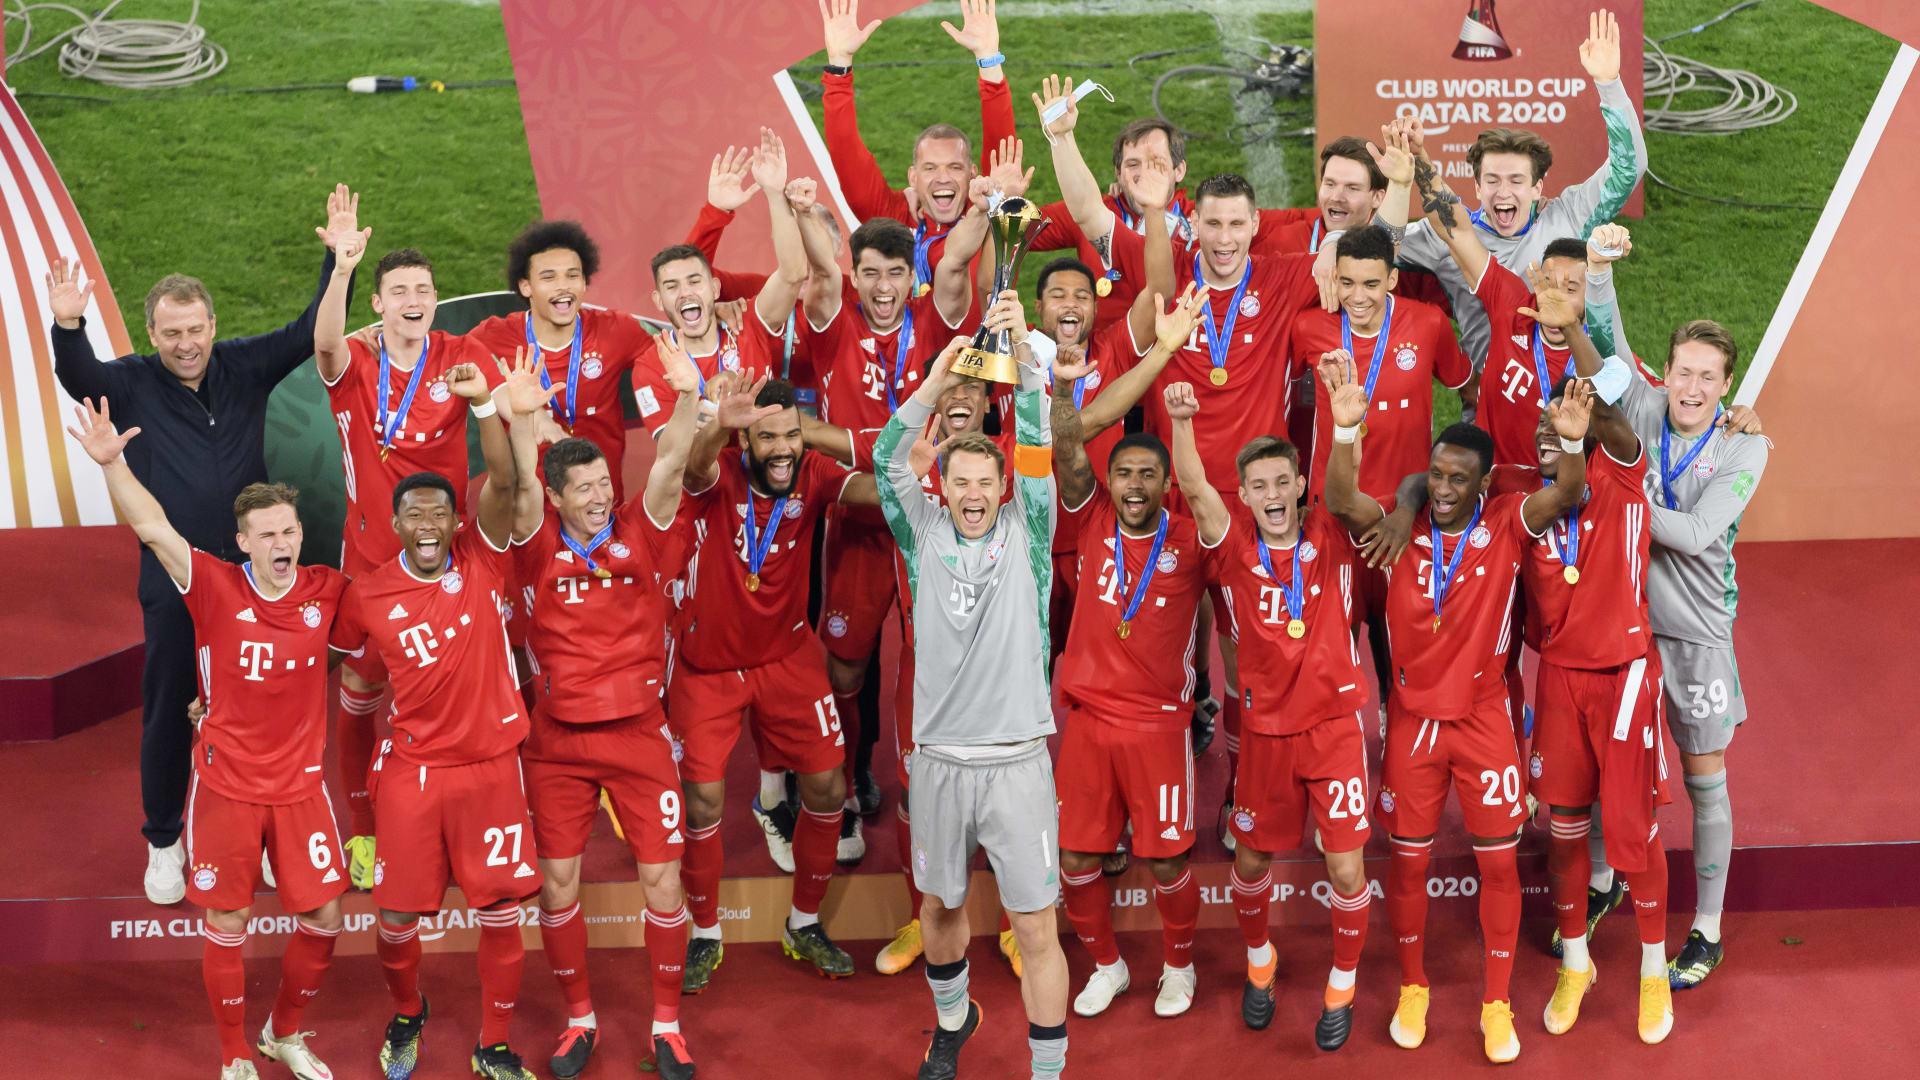 بايرن ميونخ يفوز بكأس العالم للأندية في قطر بعد الفوز على تيجريس أونال المكسيكي